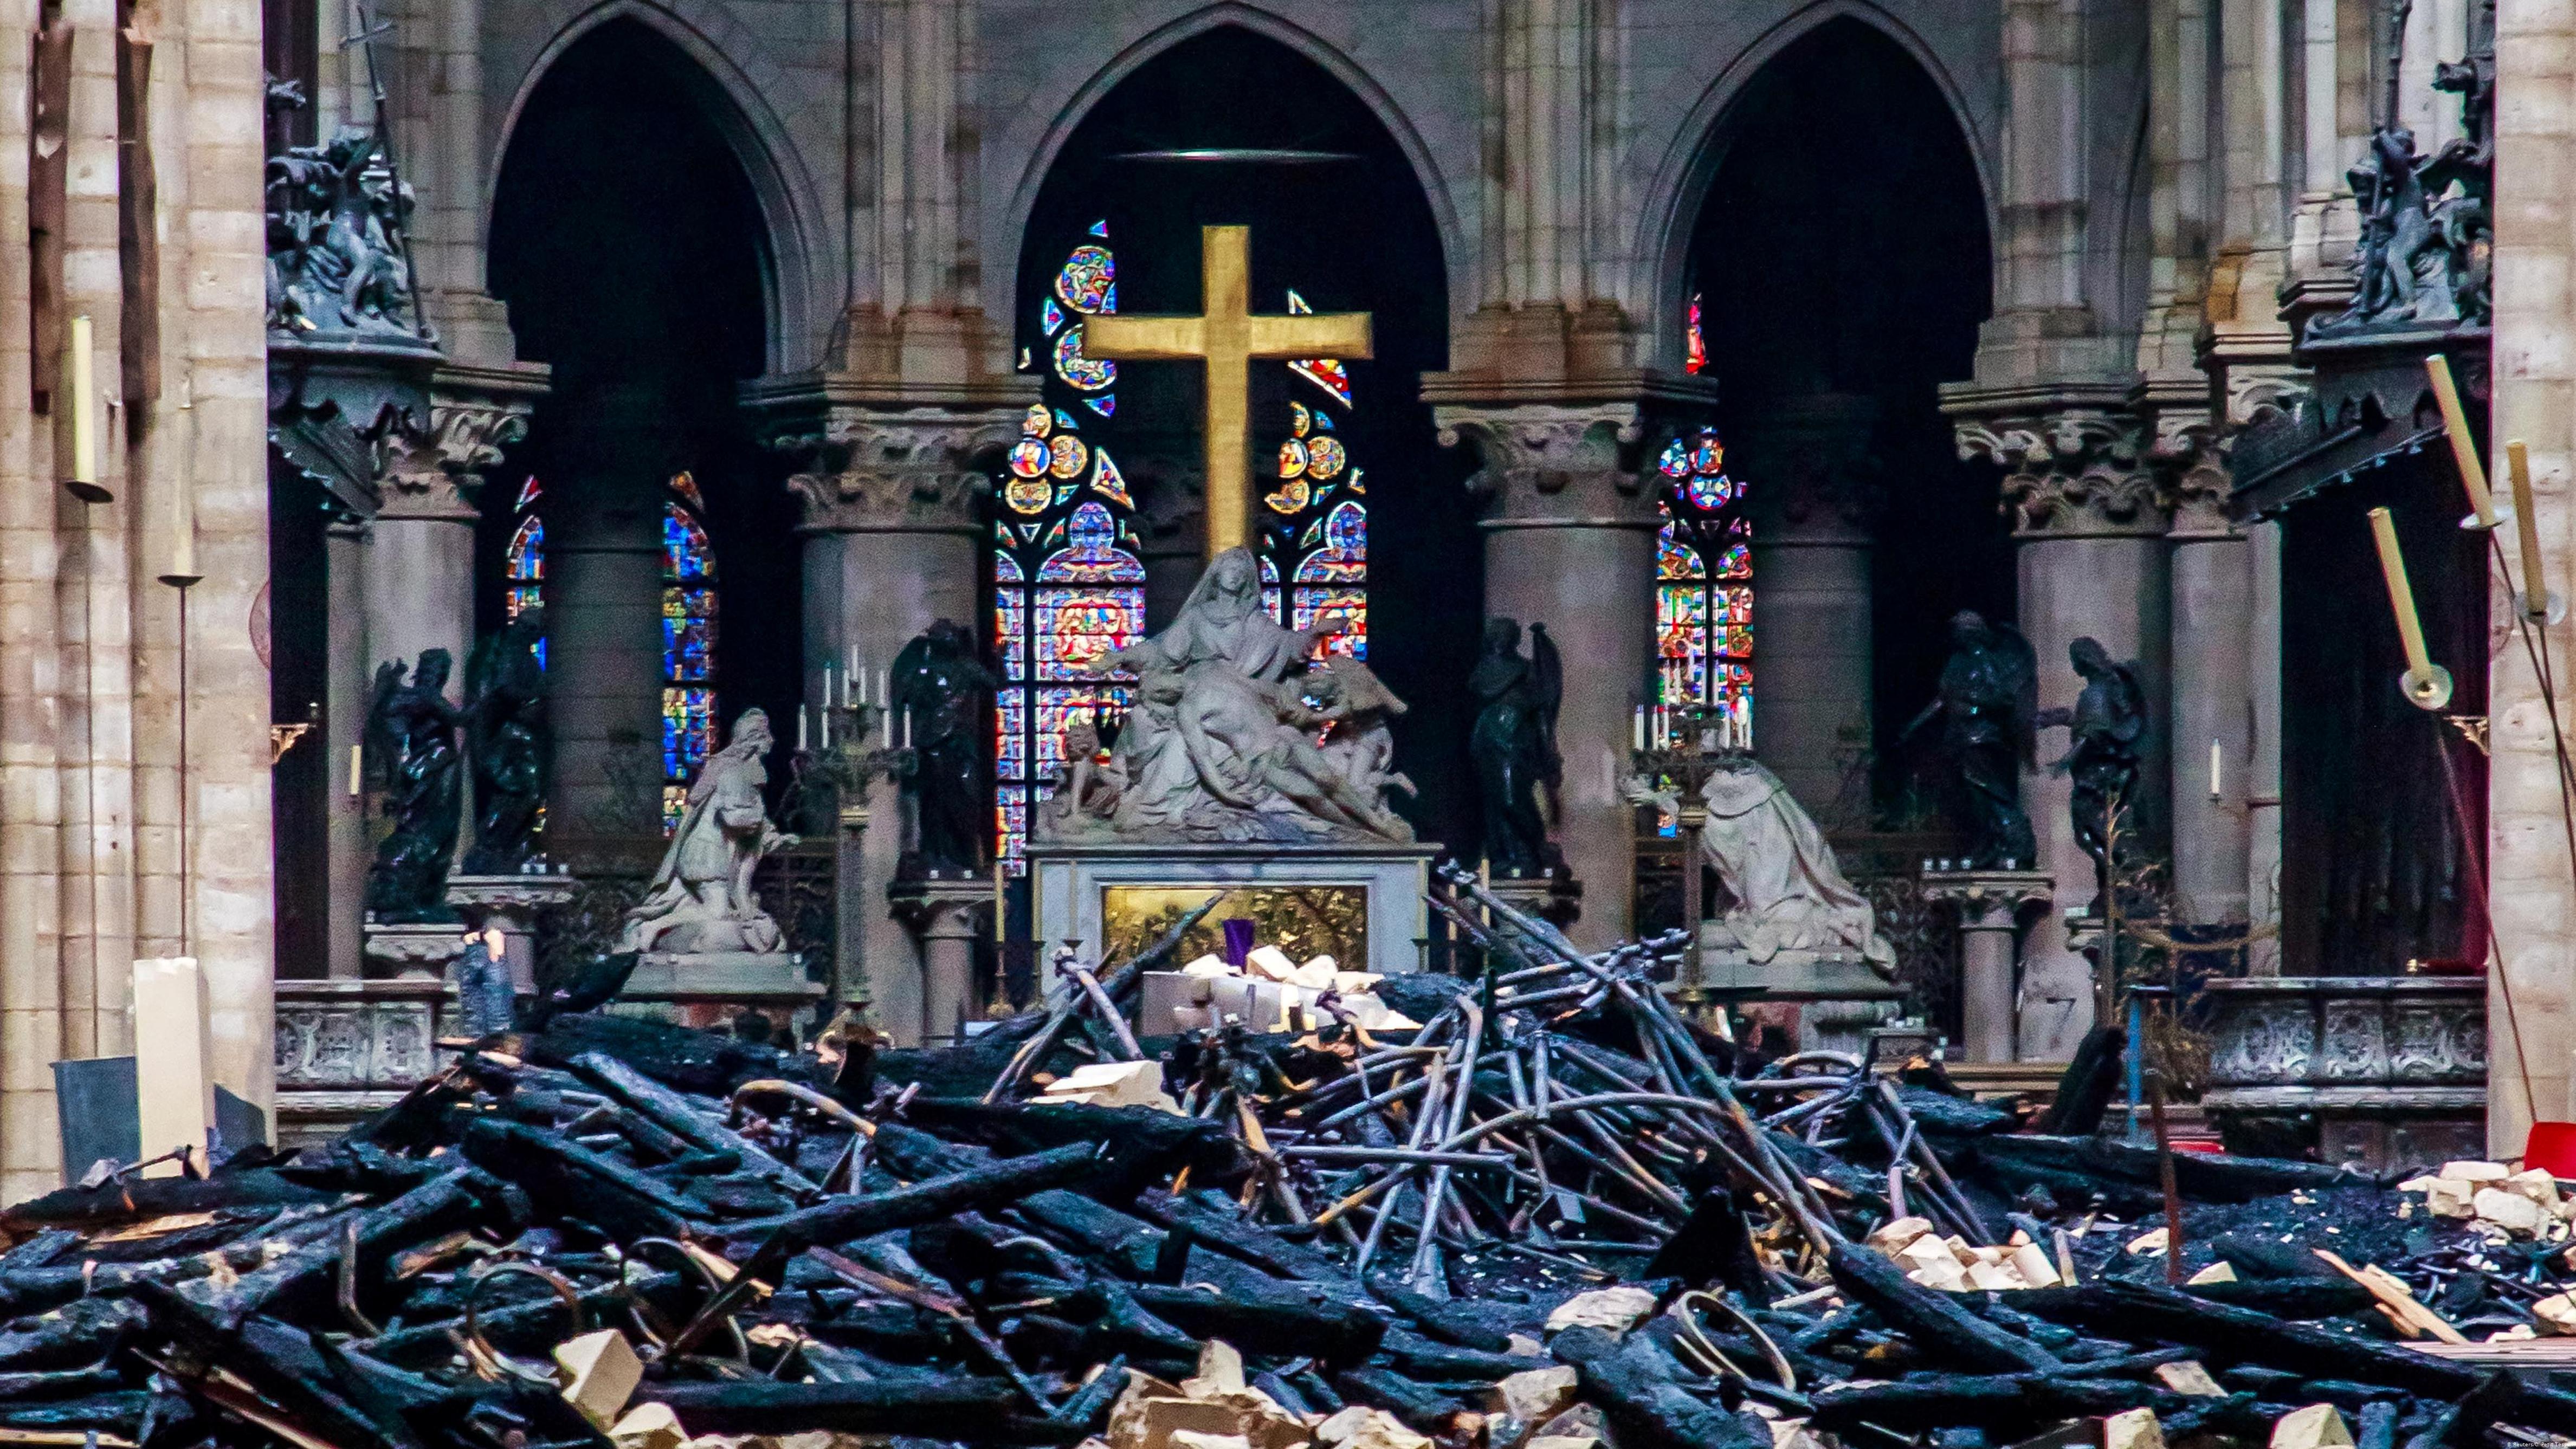 Kết quả hình ảnh cho notre dame cathedral